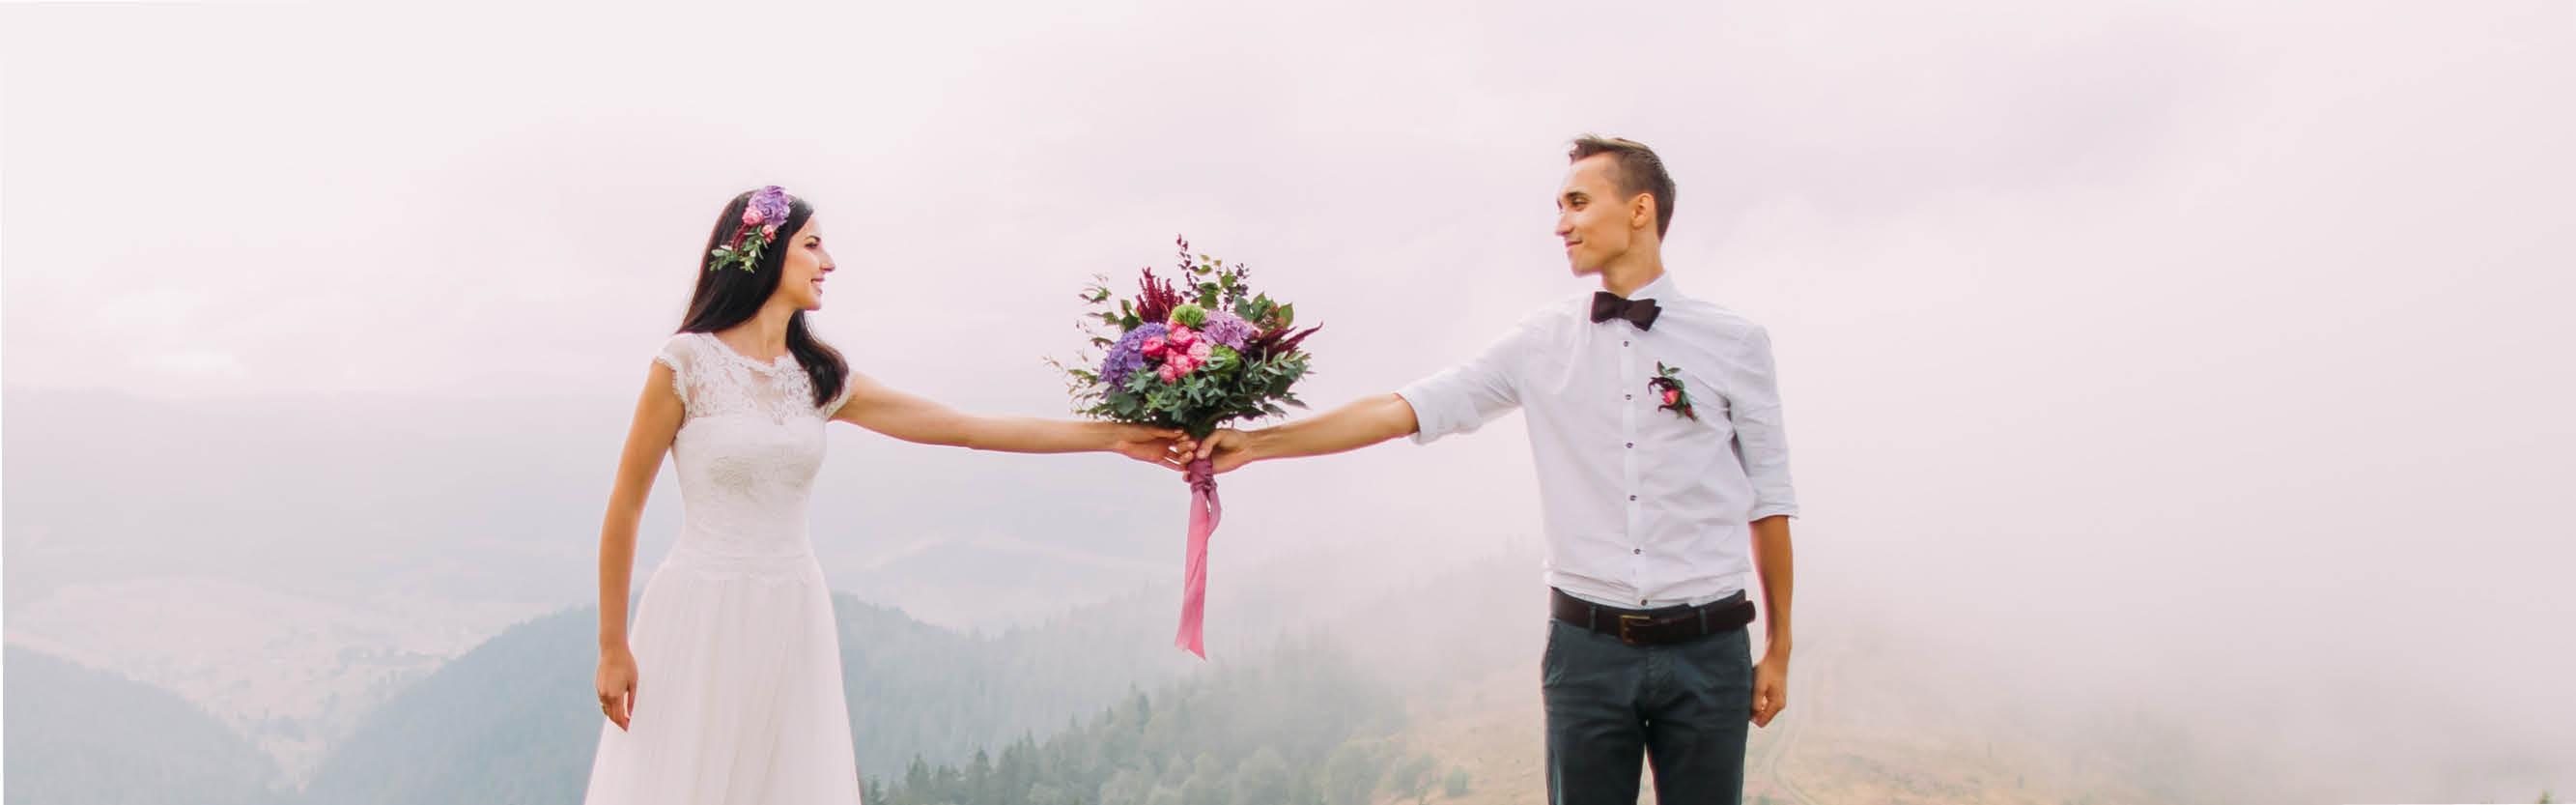 kartlerei corona hochzeit absagen verschieben - Corona & Hochzeit